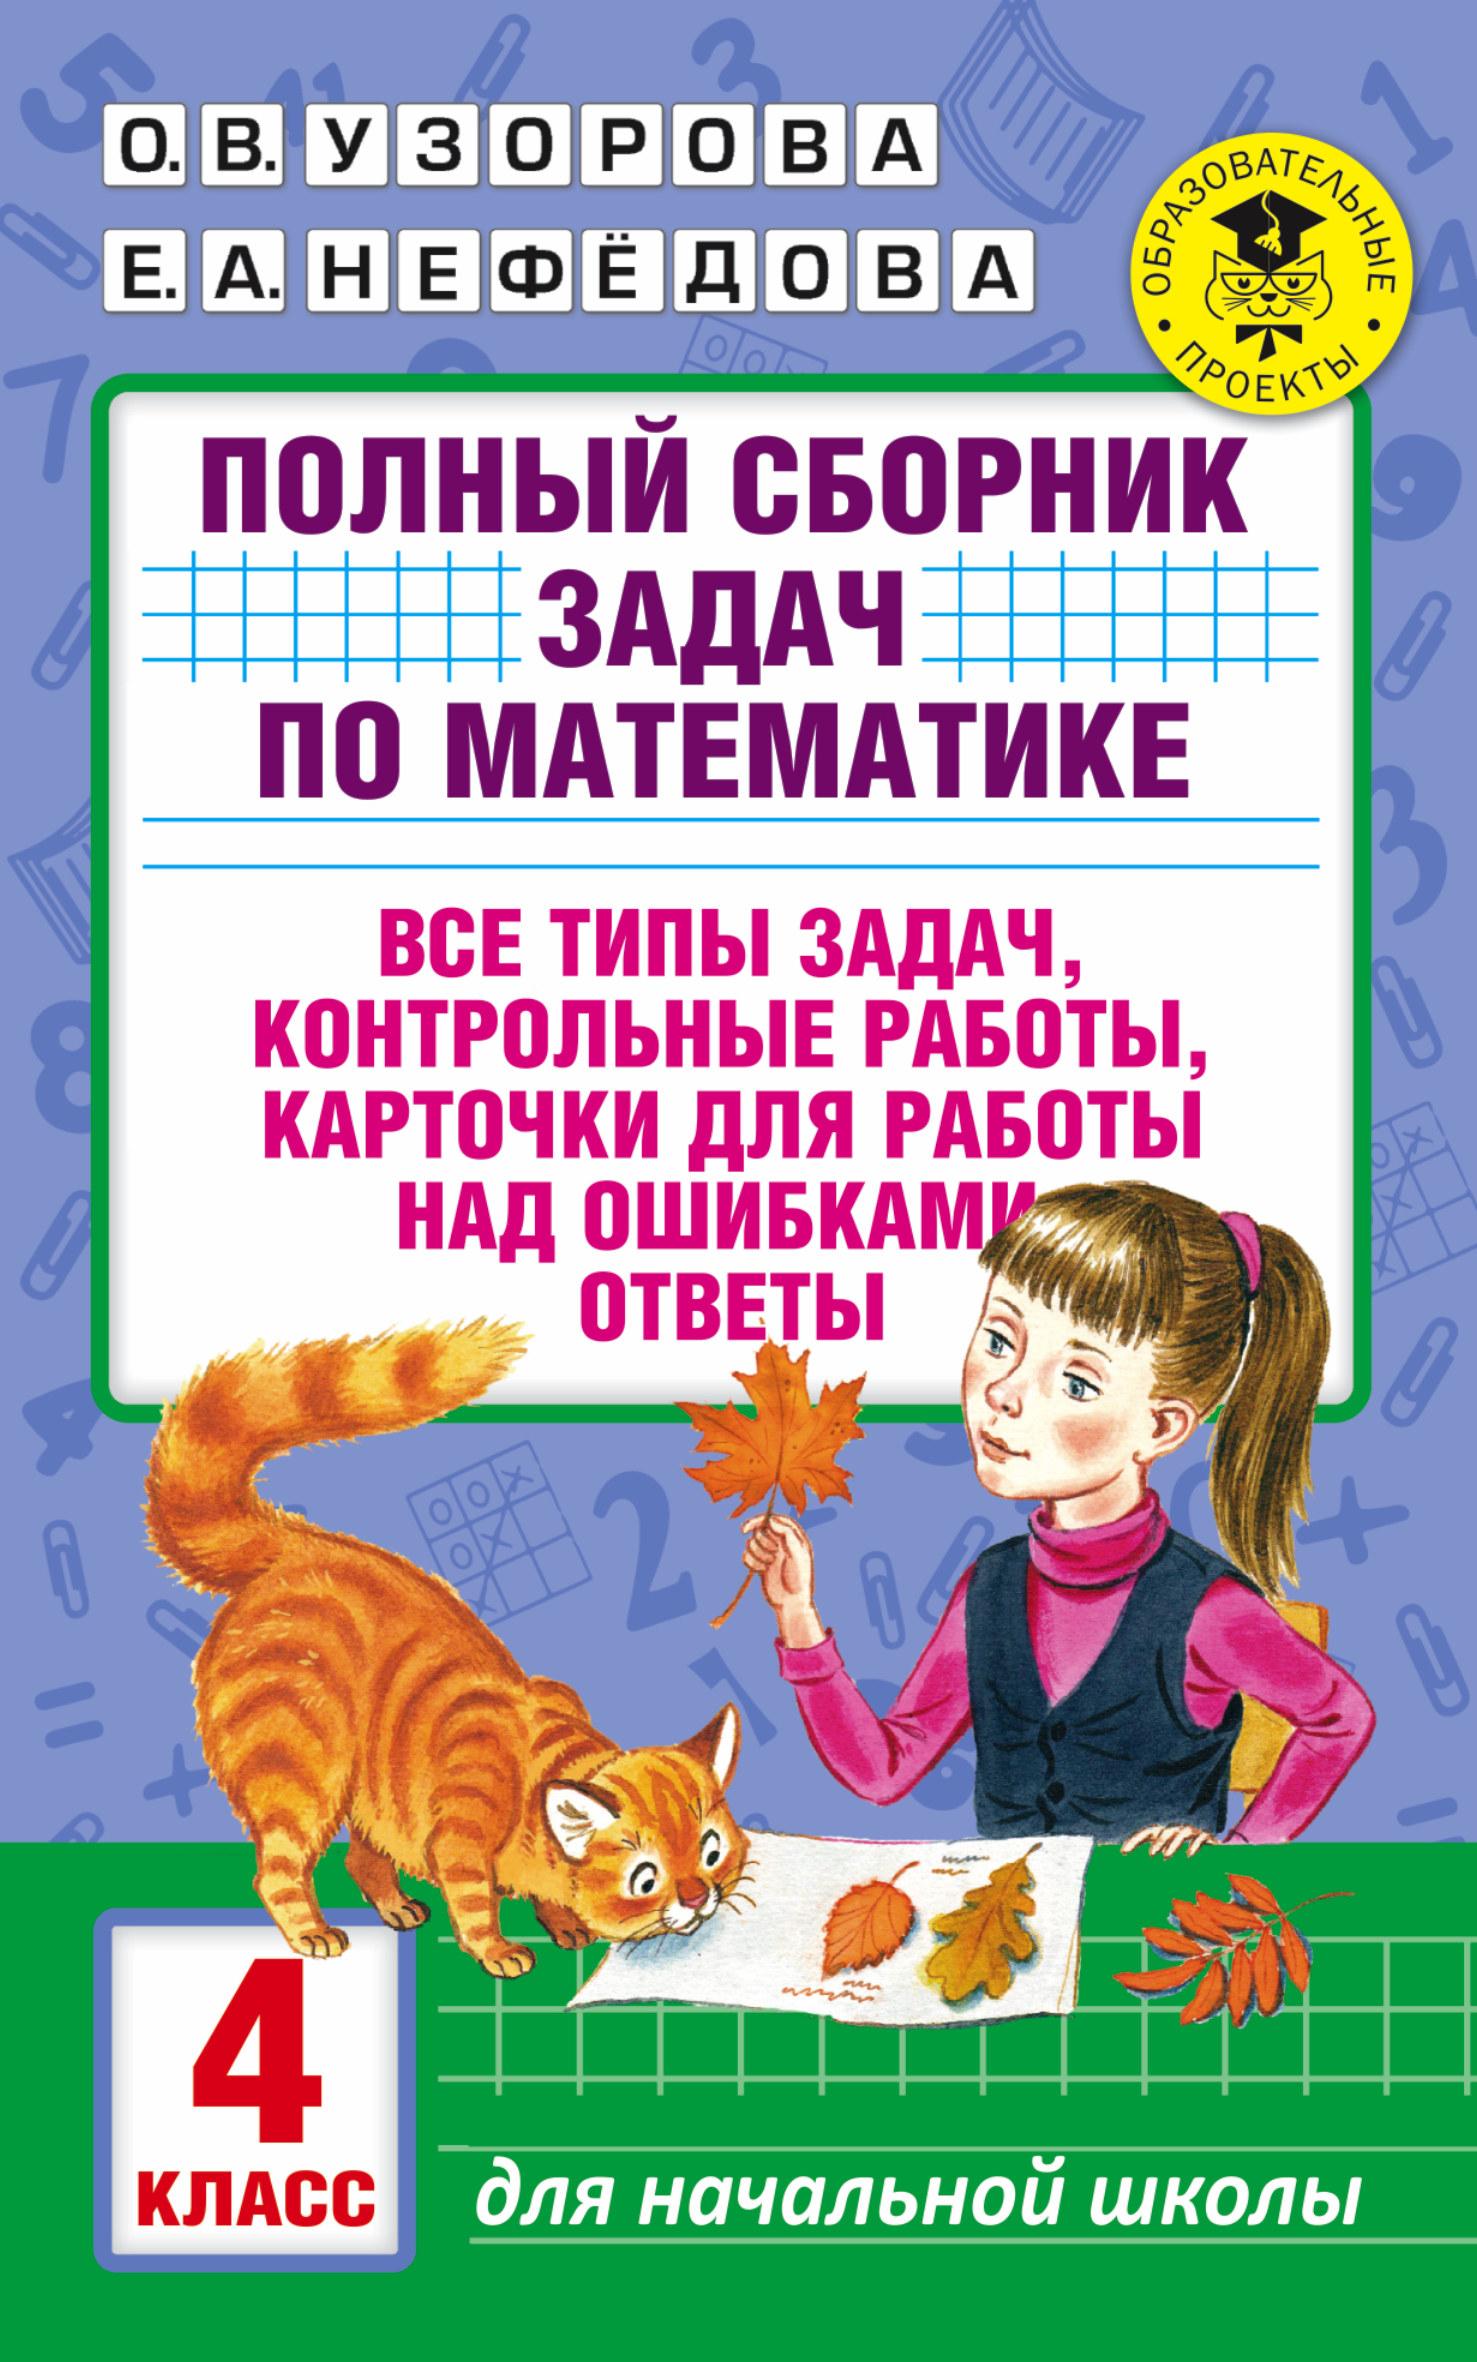 Полный Сборник Задач по Математике, 4 класс все типы Задач, контрольные Работы, карточки